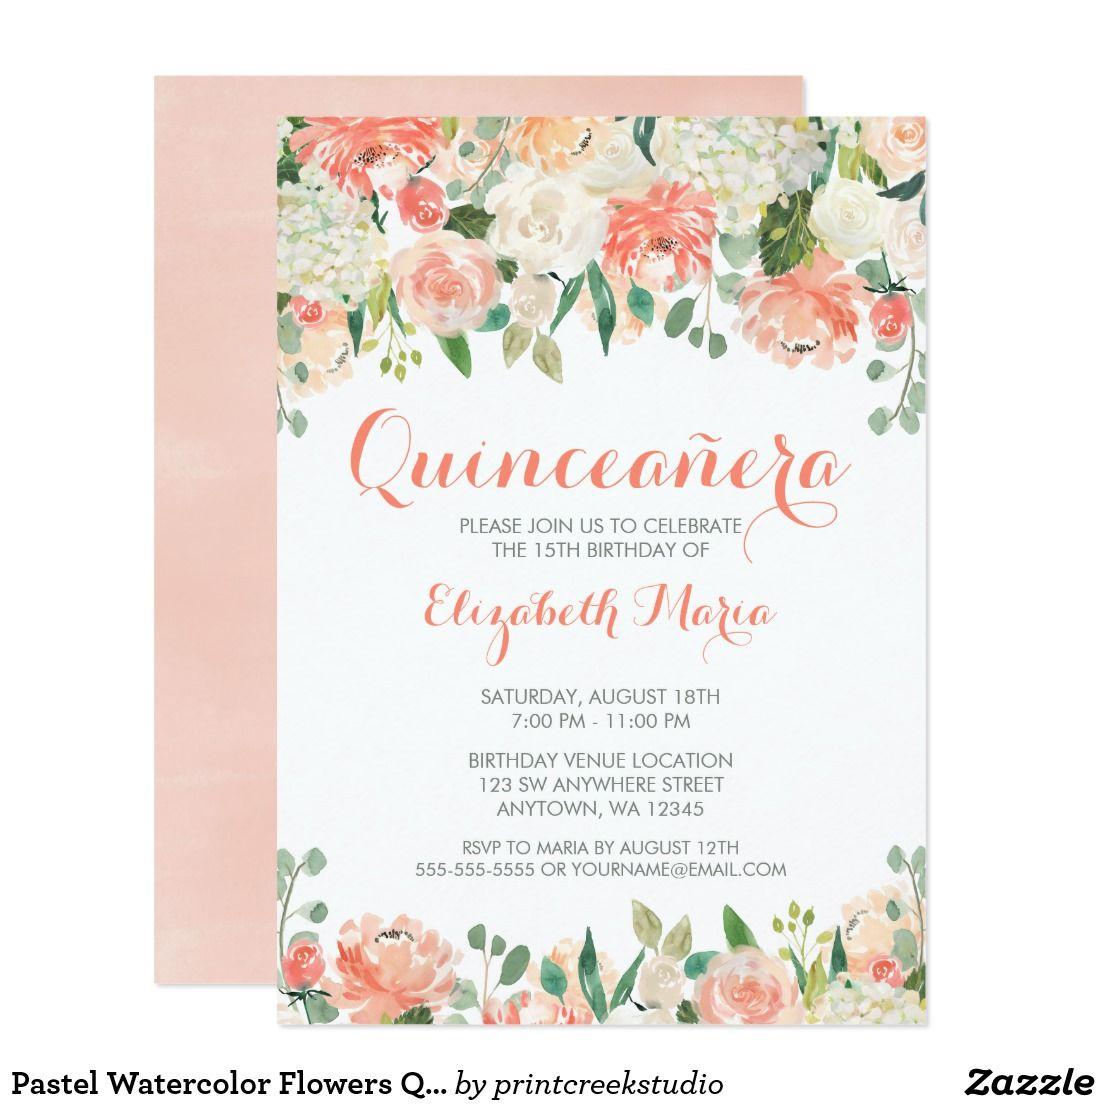 Pastel Watercolor Flowers Quinceañera Invitation   { Happy Birthday ...